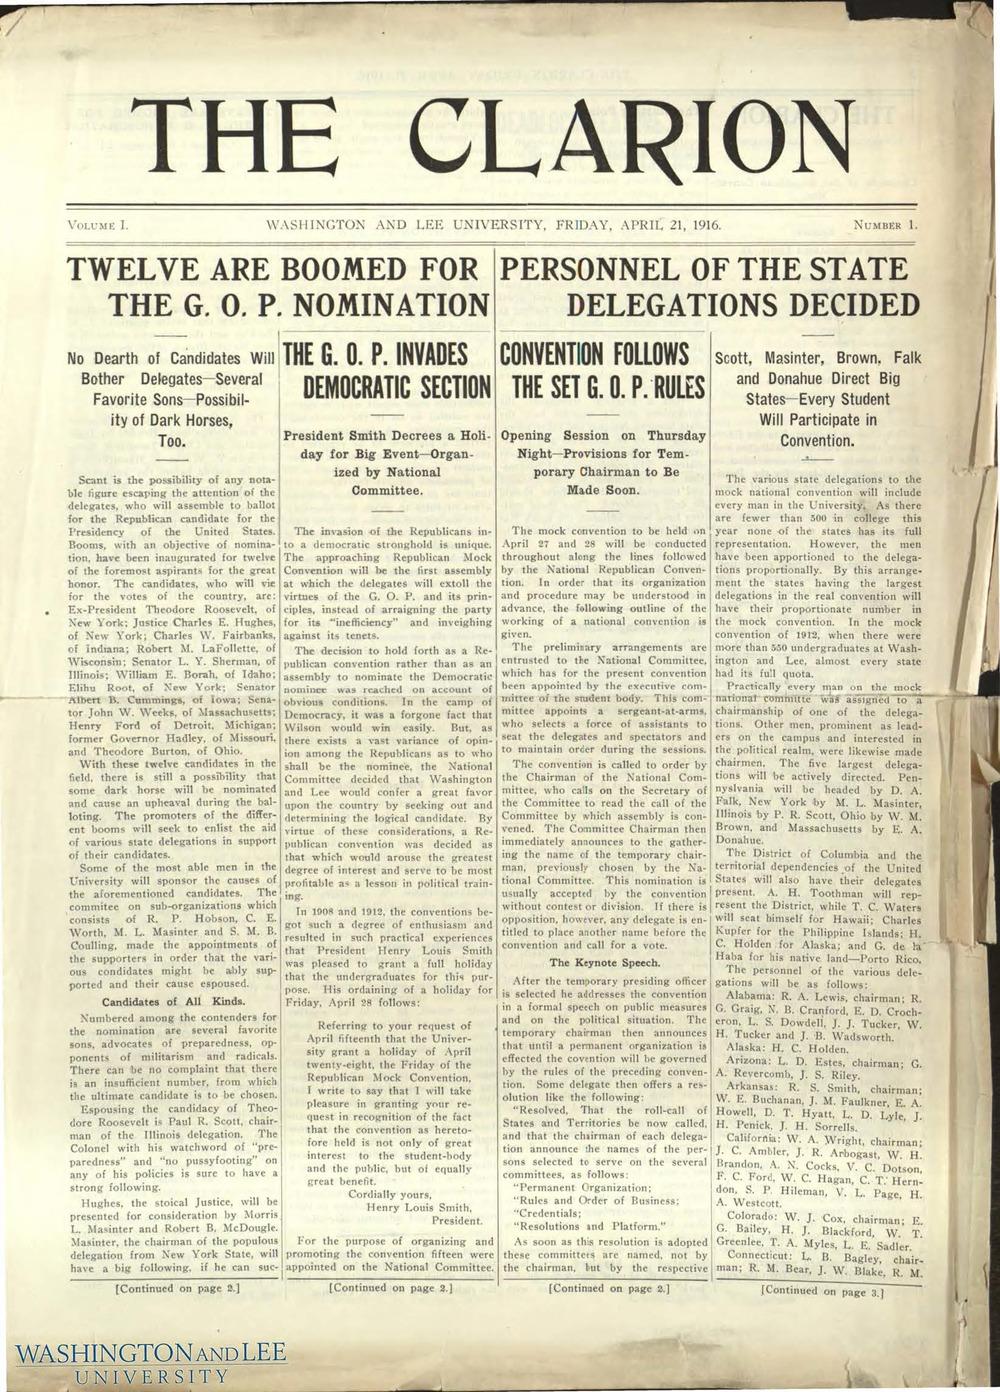 1916 -- A BULL MOOSE PUSH